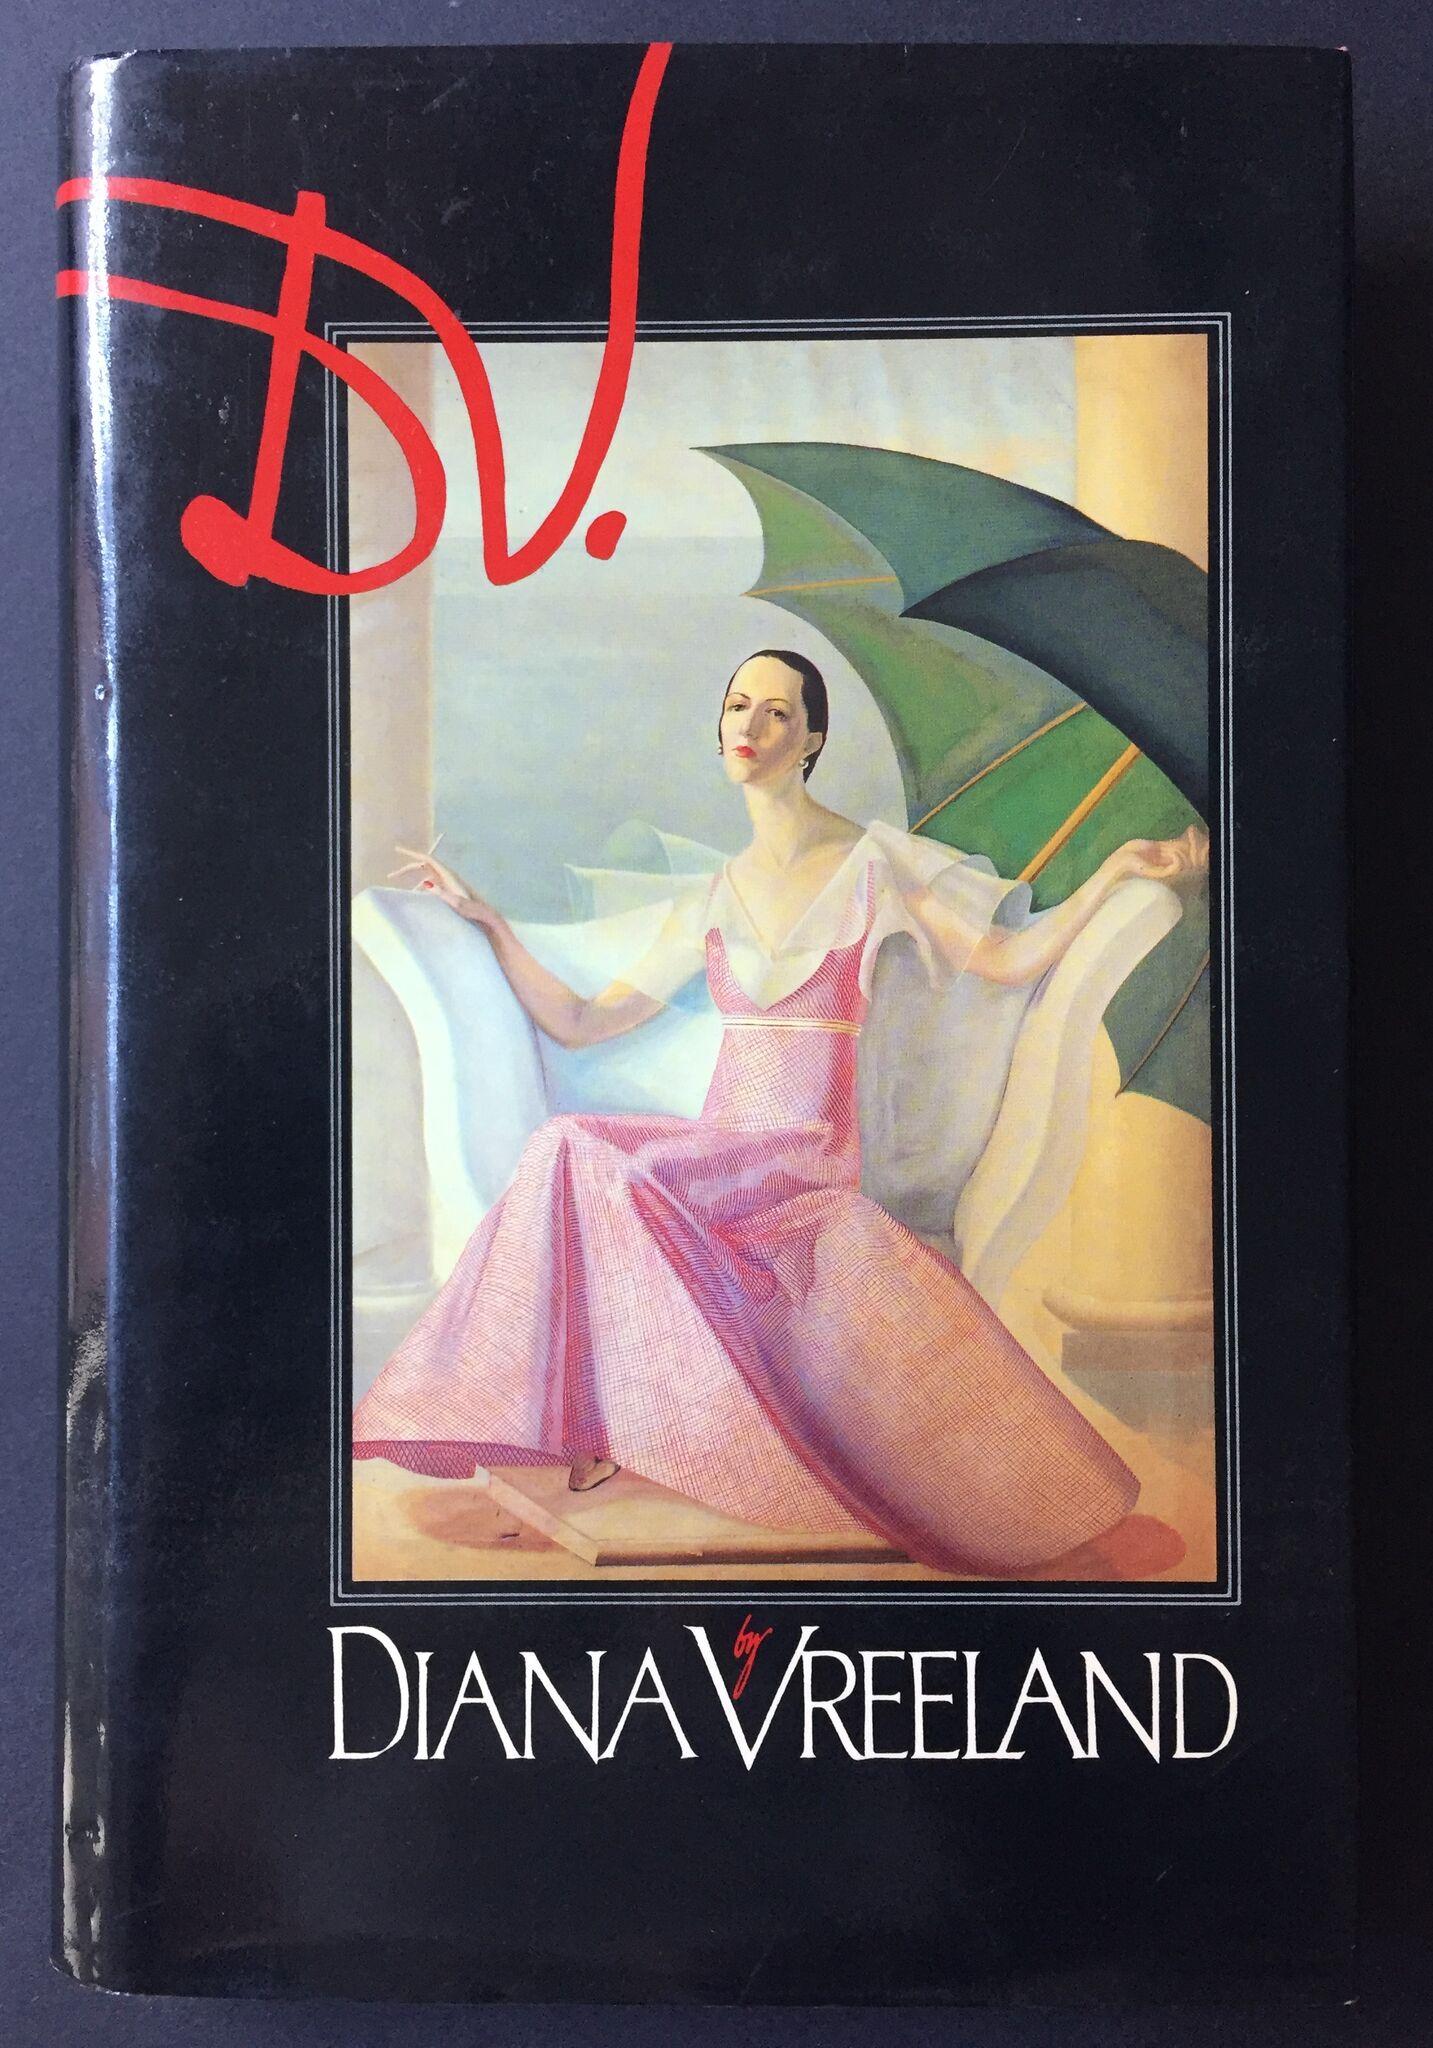 DIana Vreeland - Signed